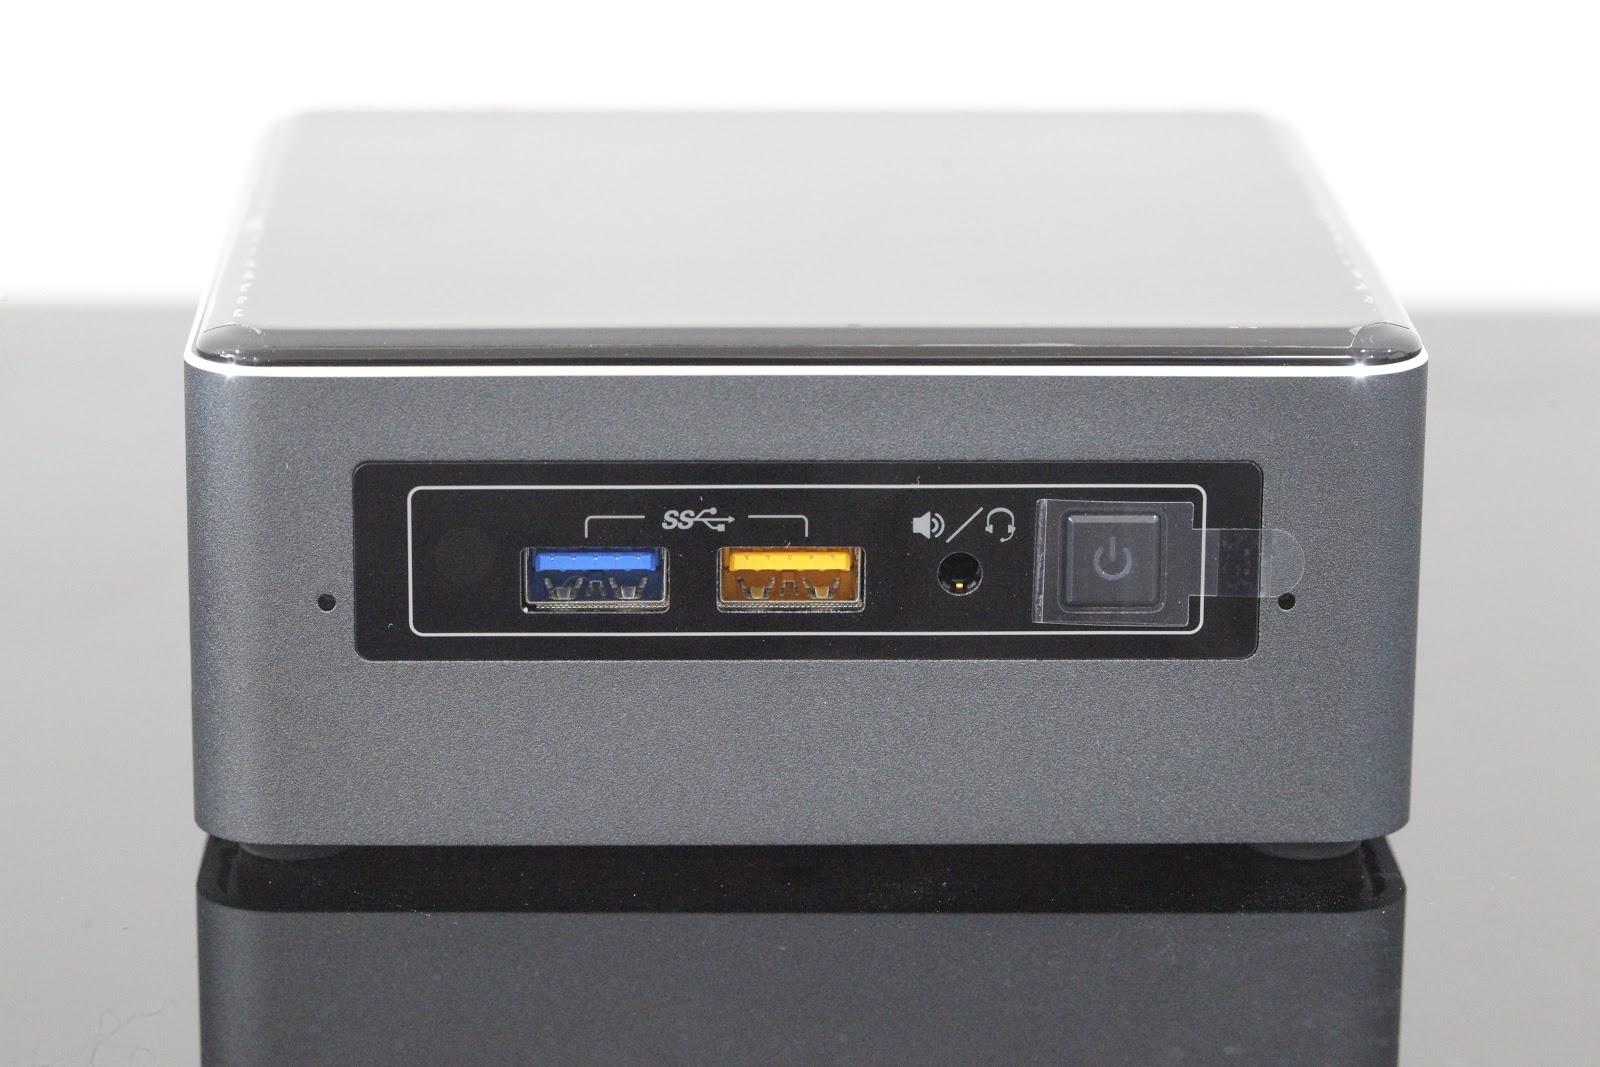 Đánh giá cặp đôi Intel NUC7i7BNH và SSD 660p: Không thể thiếu cho góc học tập chất - Ảnh 4.